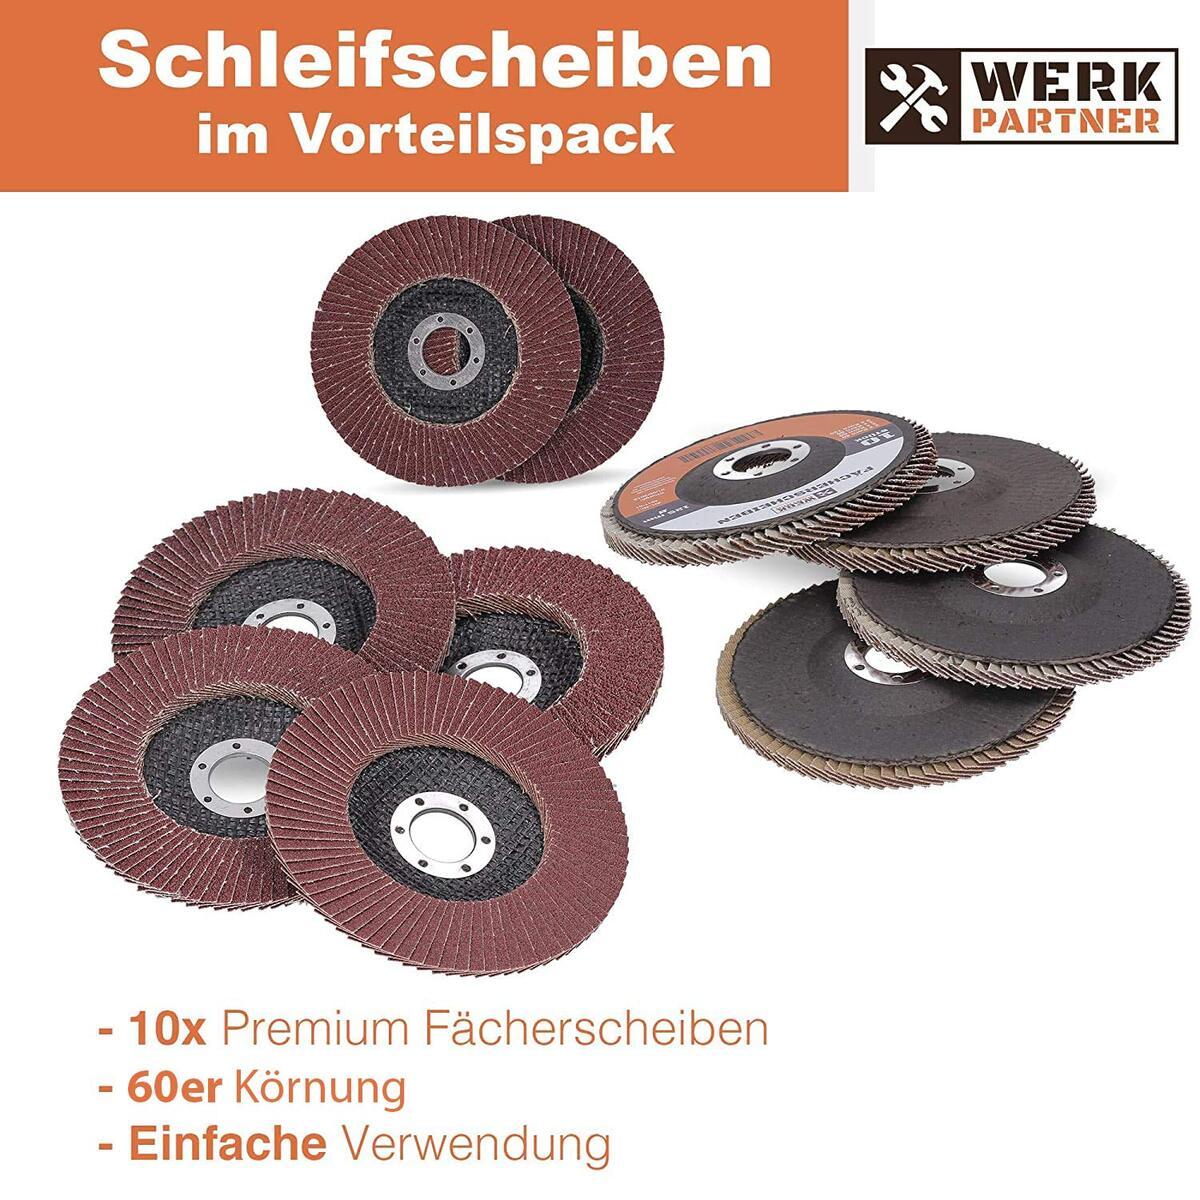 Bild 2 von Werk-Partner Premium Schleifscheiben Set - 10 x Fächerscheibe 125 mm Ø - Körnung 60 für Metall, Stahl & Holz - Fächerschleifscheibe für Winkelschleifer/Flex